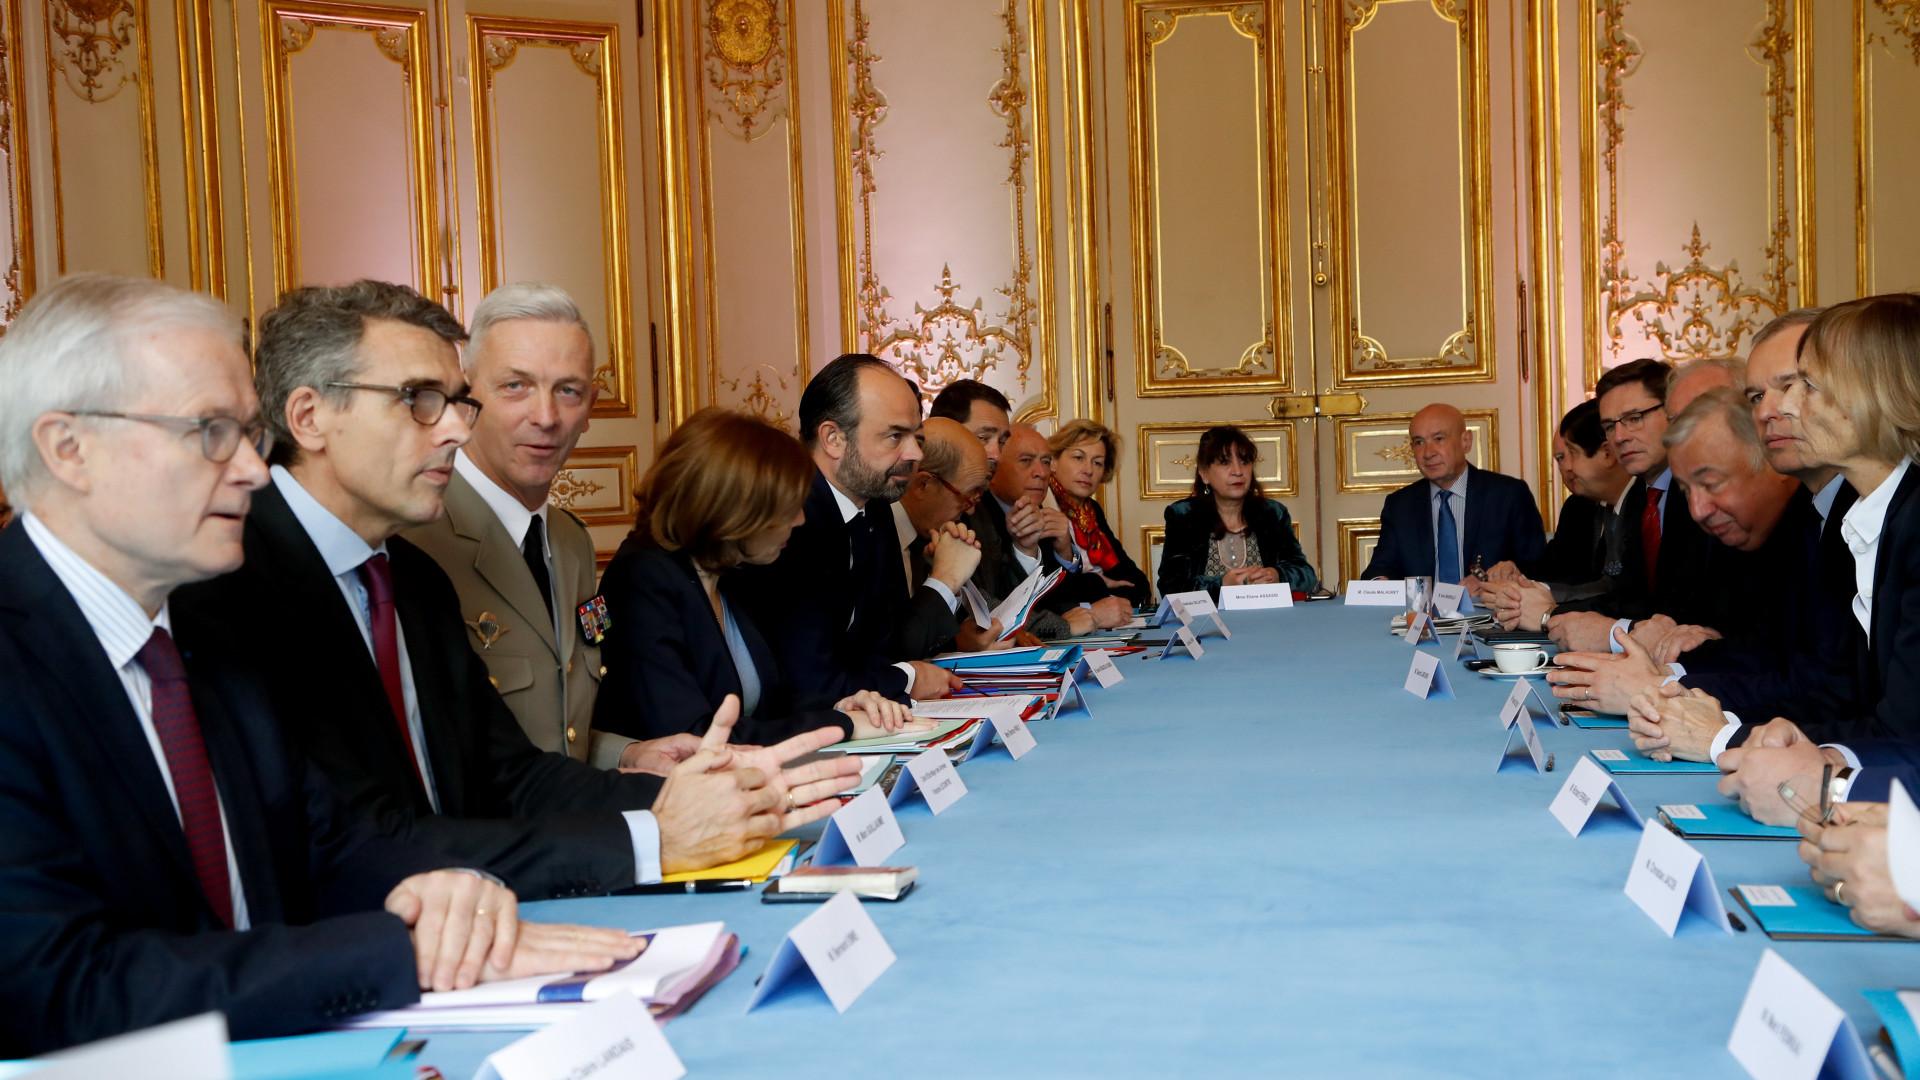 França promete se juntar aos EUA em resposta dura à Síria